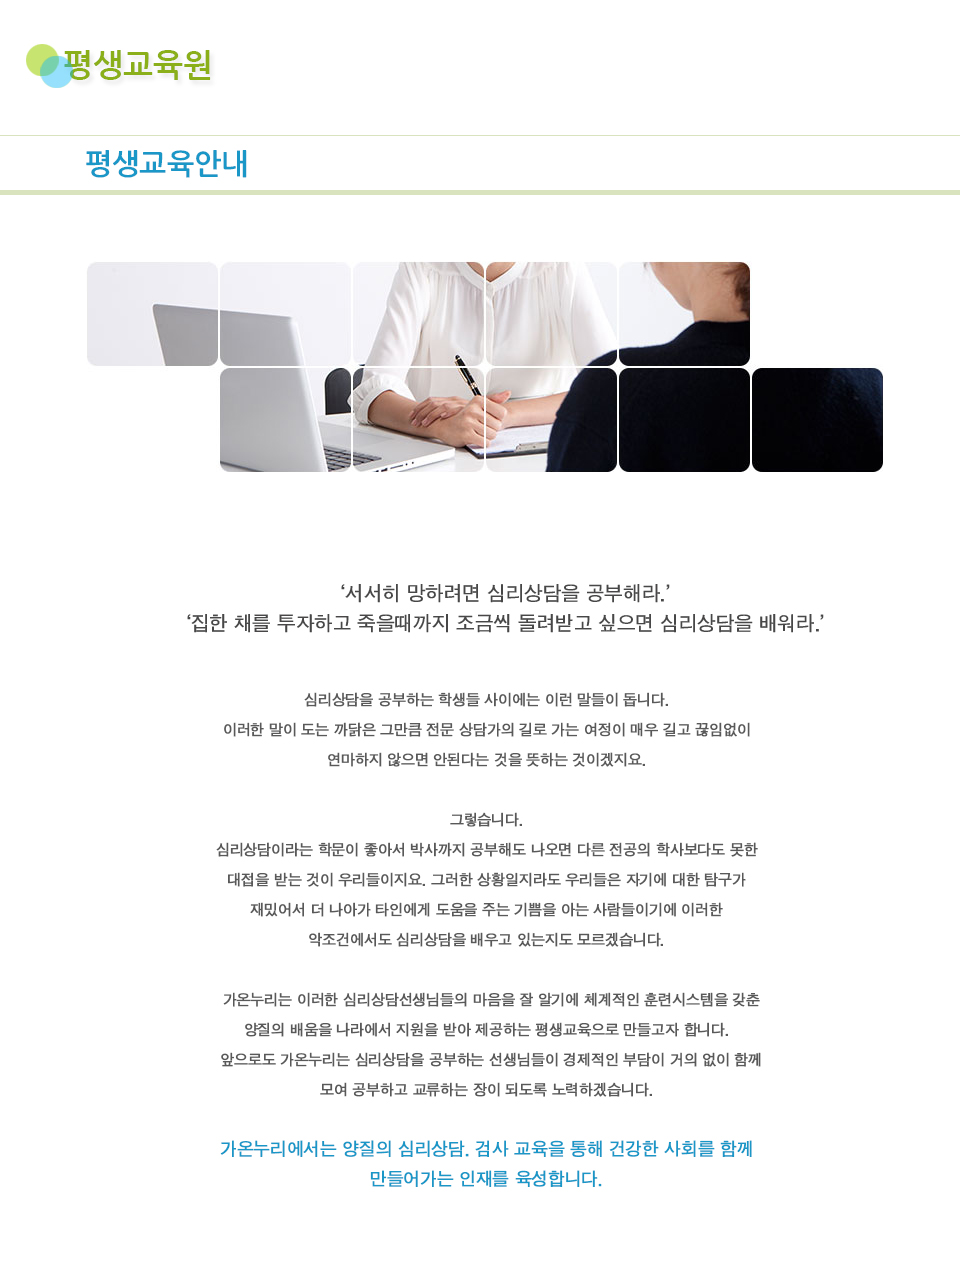 06평생교육소개.jpg